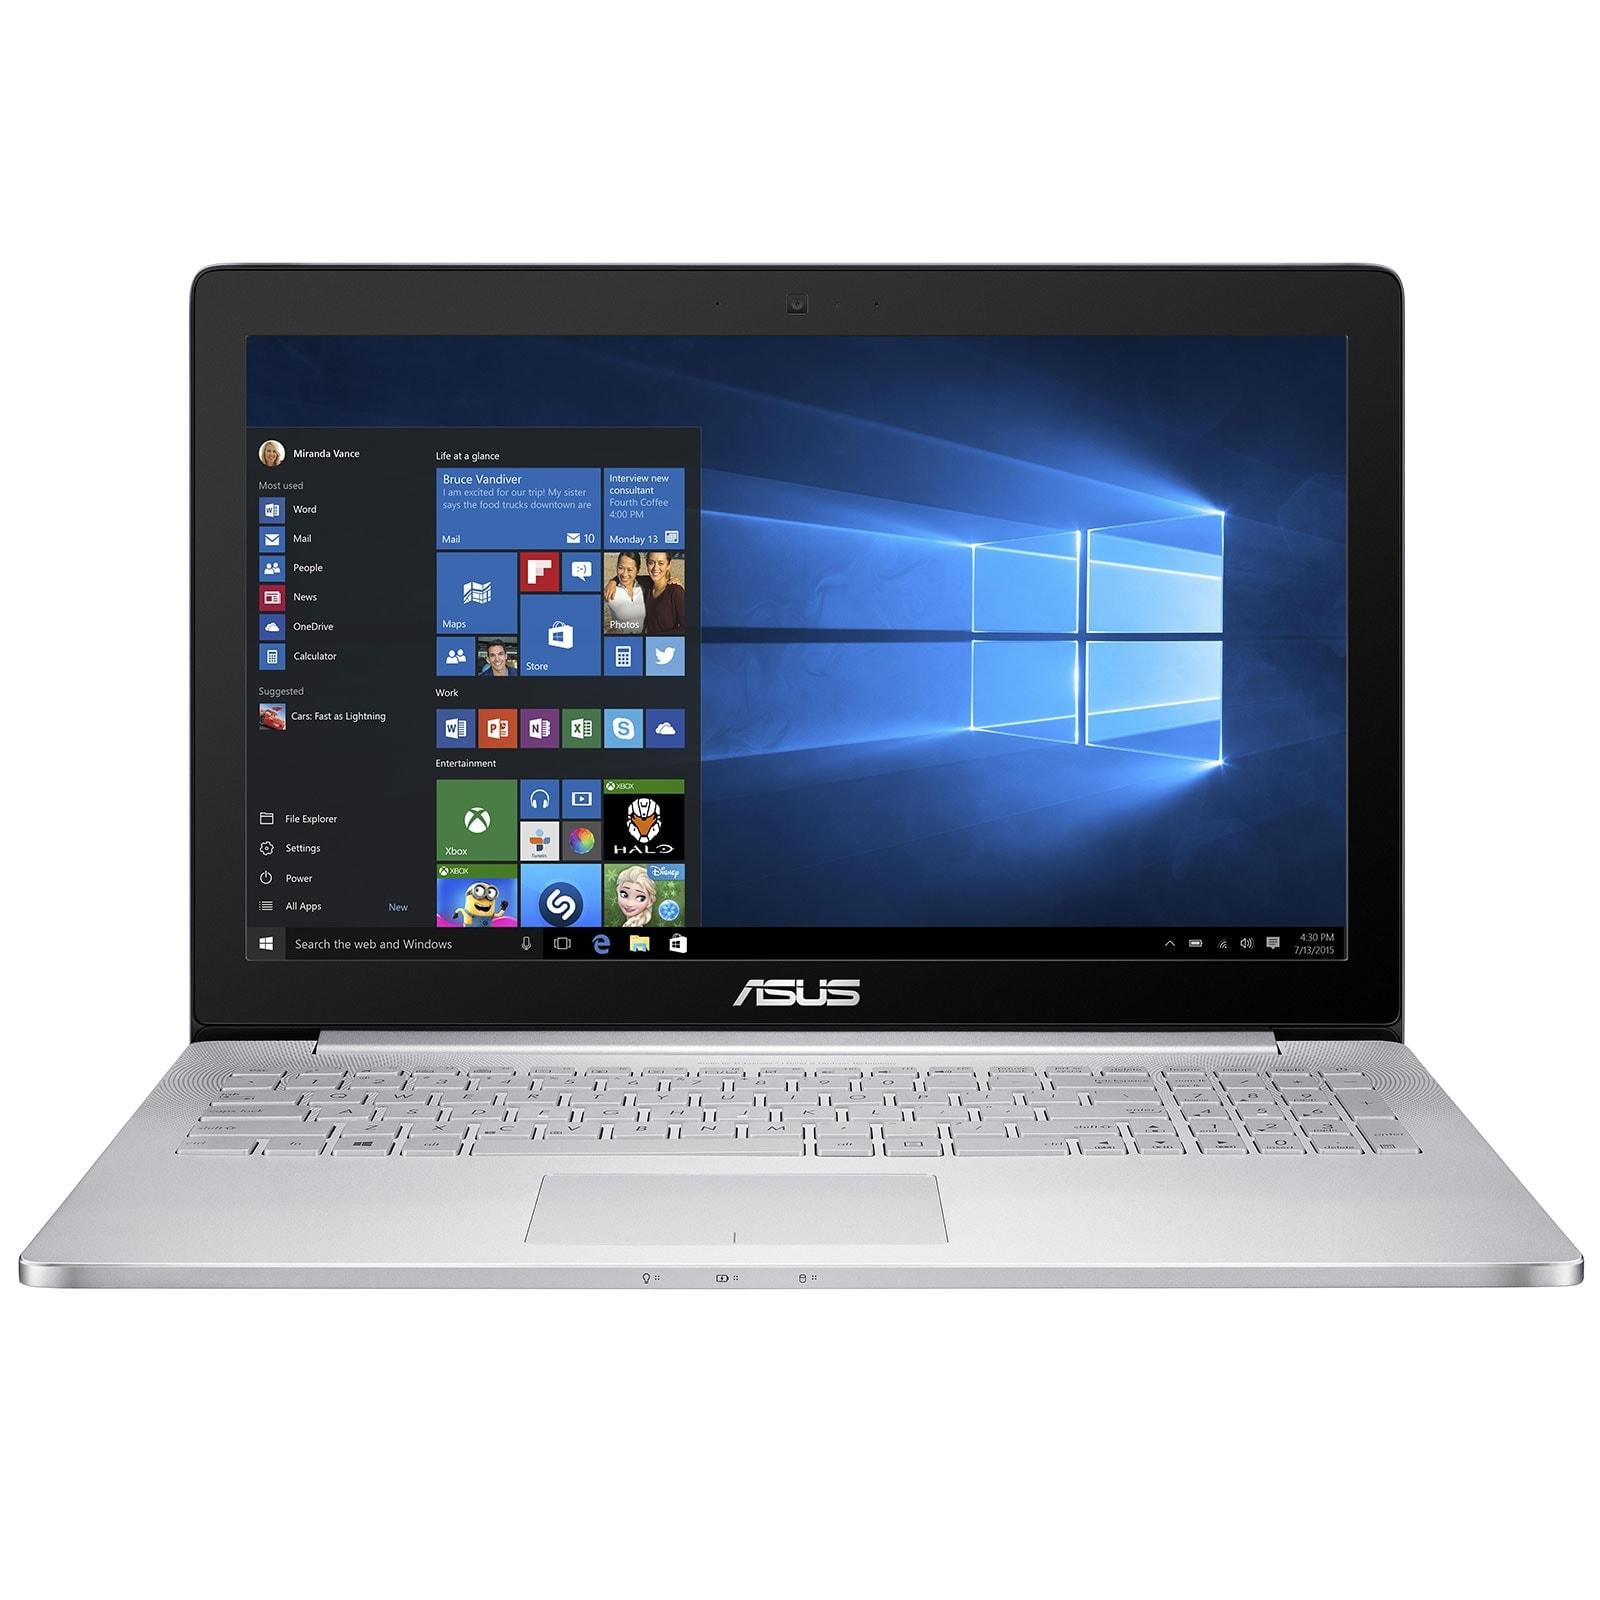 Asus Zenbook Pro UX501VW-FI252R (90NB0AU2-M04890) - Achat / Vente PC Portable sur Cybertek.fr - 0